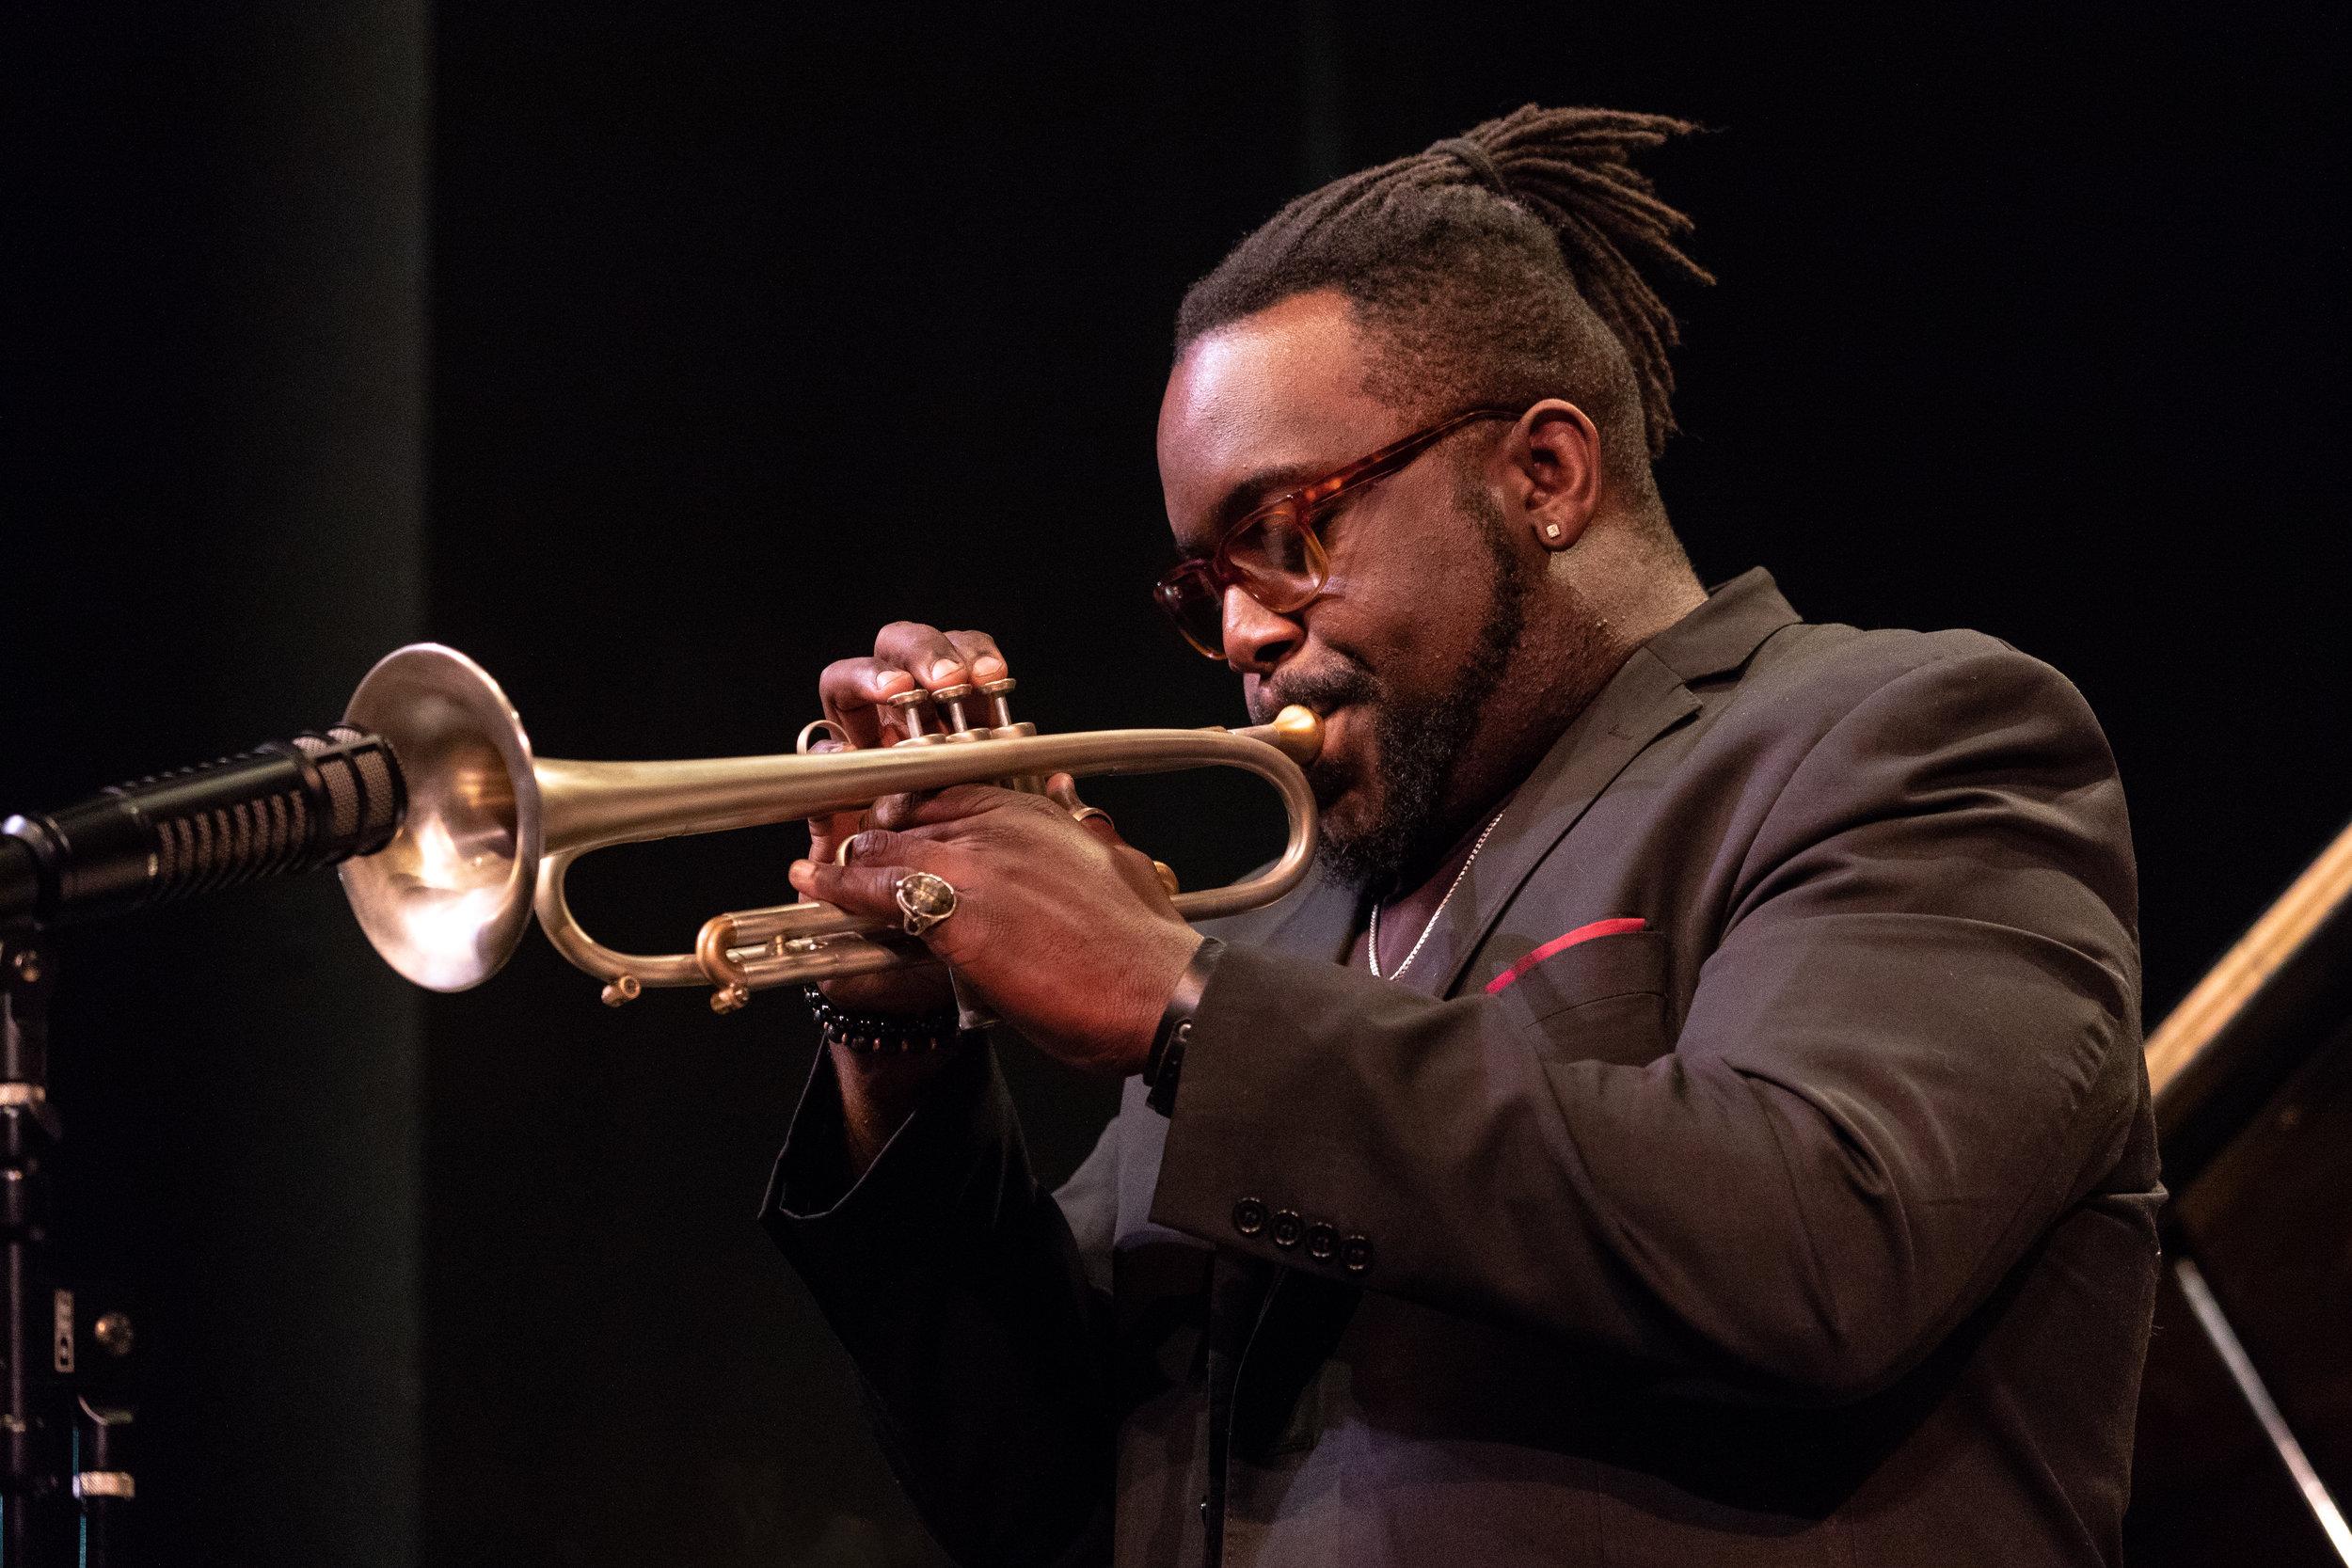 uwmusic-jazzhonorsband-042718-9414a.jpg